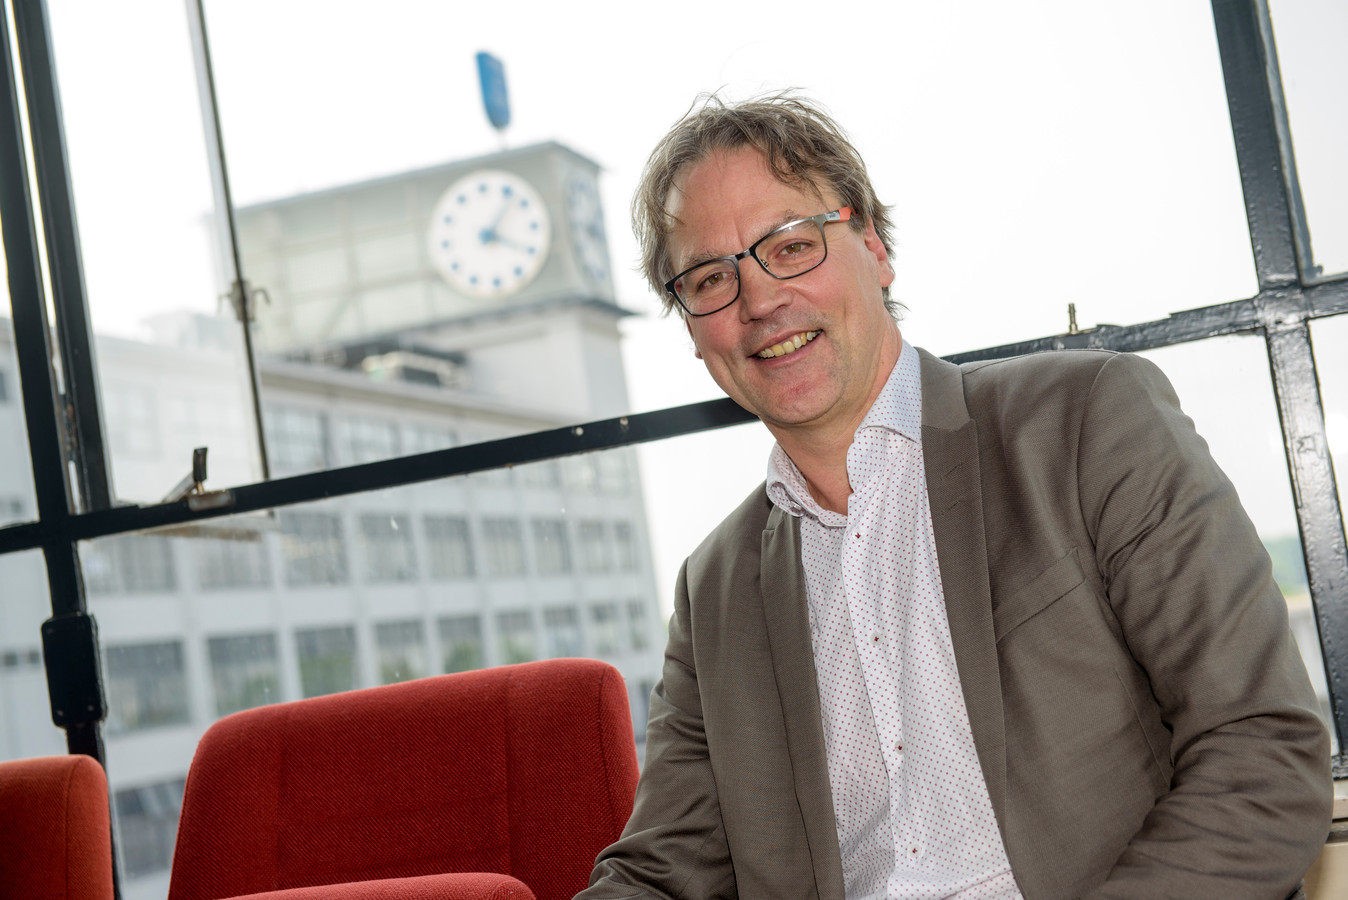 Staf Depla neemt afscheid als wethouder van Eindhoven.